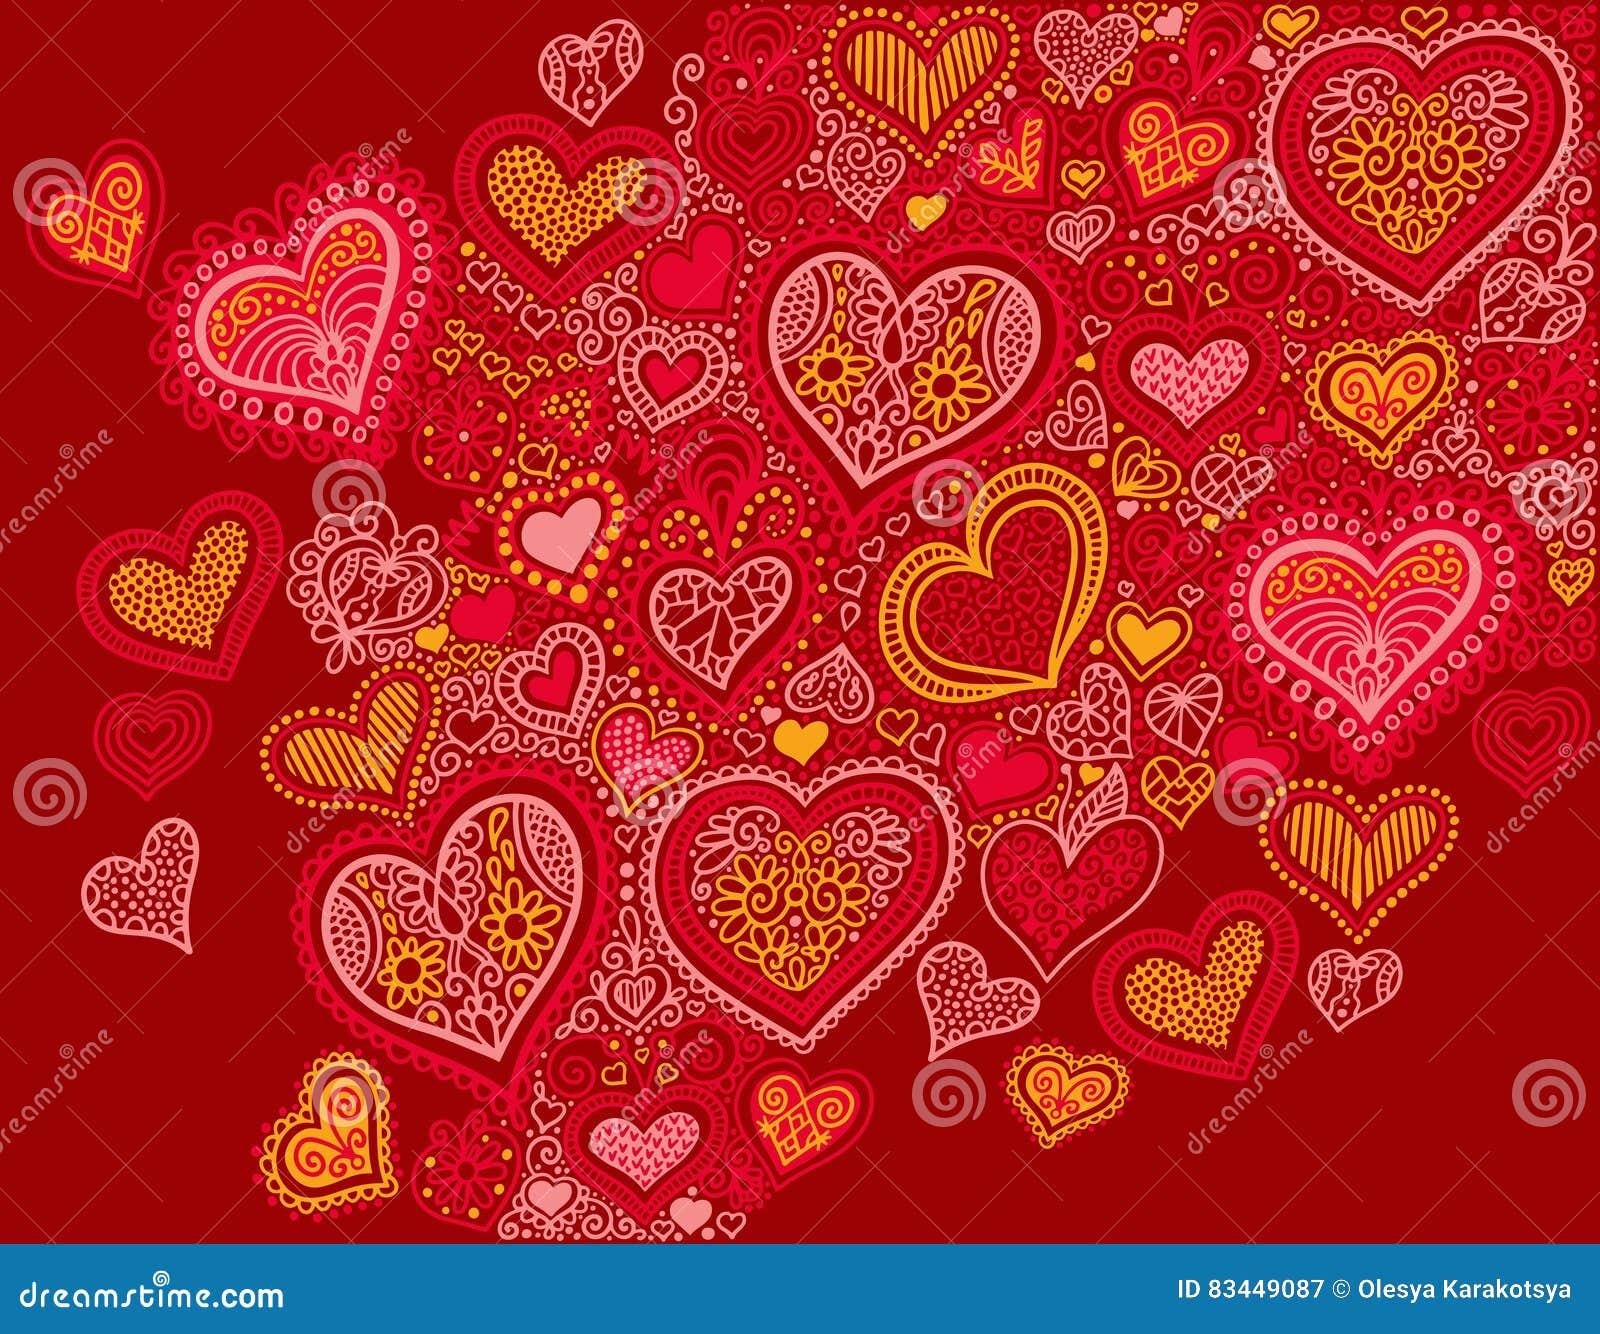 Fondo de la forma del corazón del dibujo en colores rojos al día de tarjetas del día de San Valentín